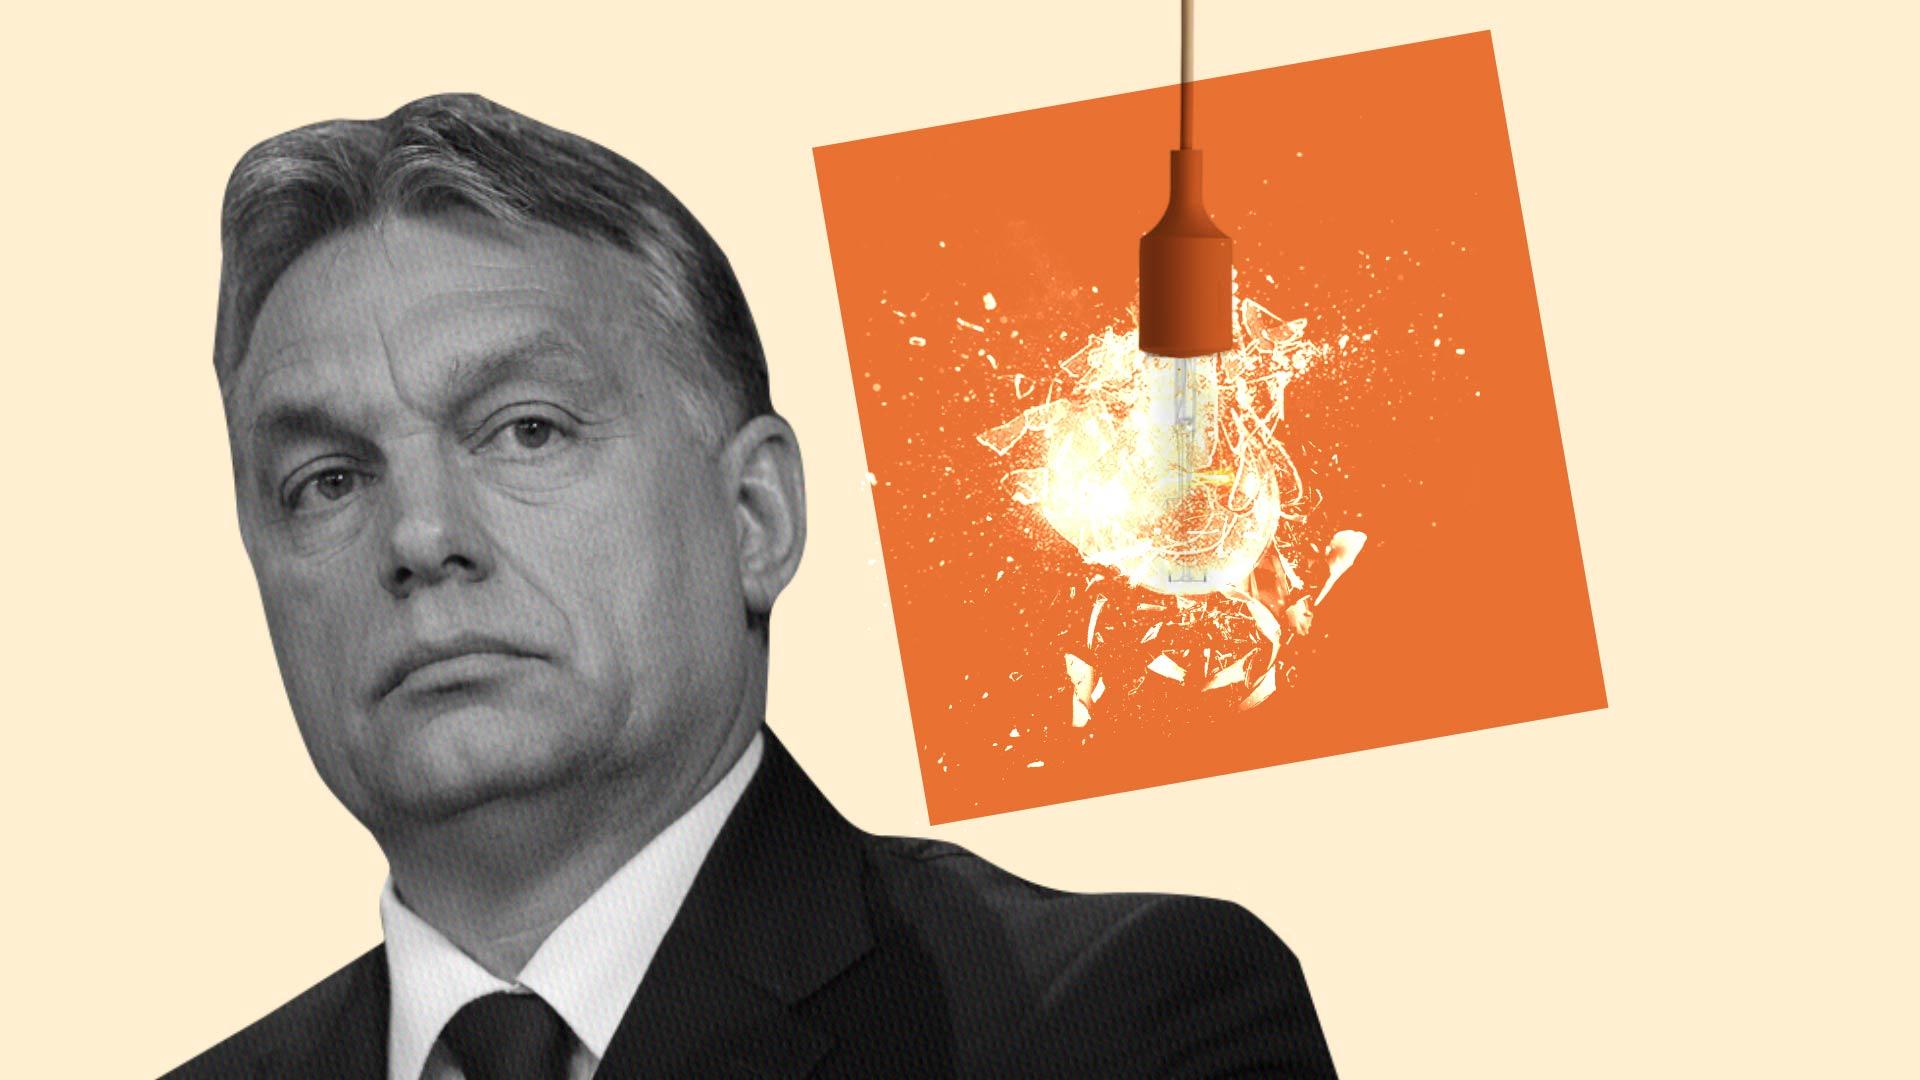 Hungary attacks liberal education